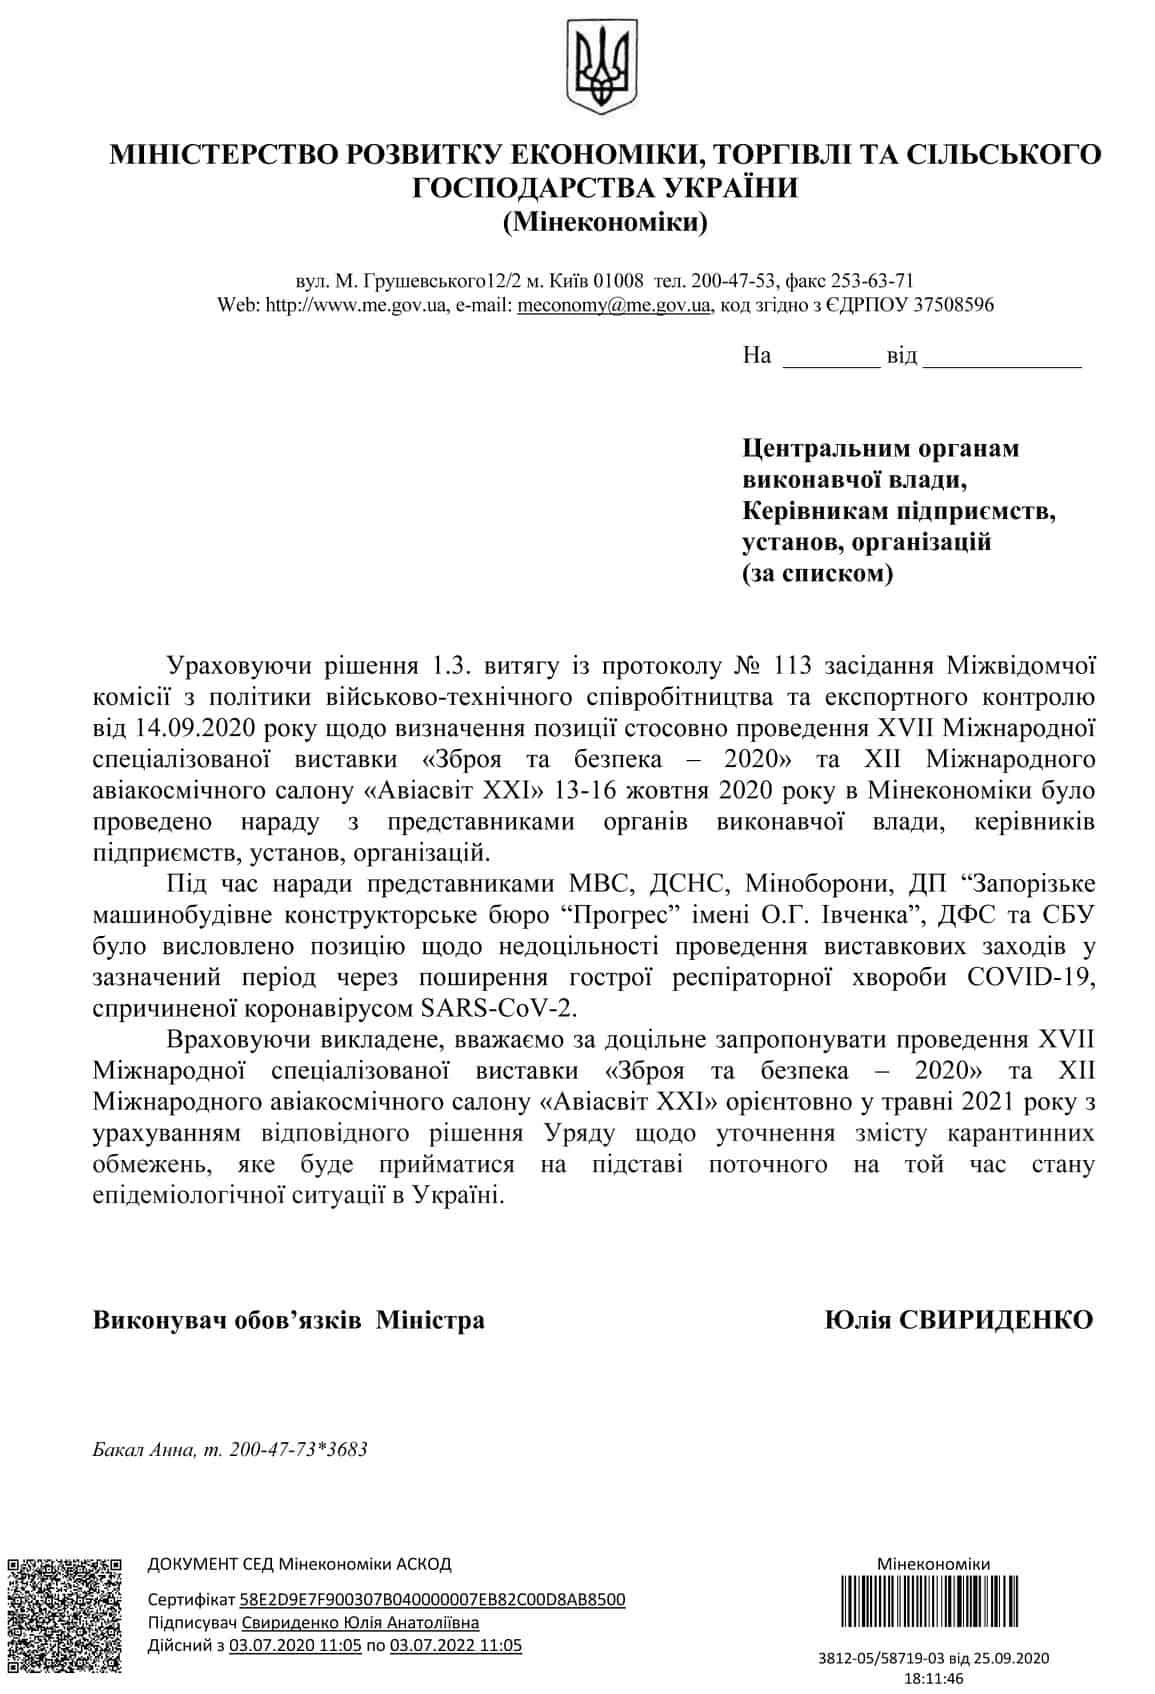 Рішення про перенесення «Зброя та безпека 2020» та «АвіаСвіт-XXI»